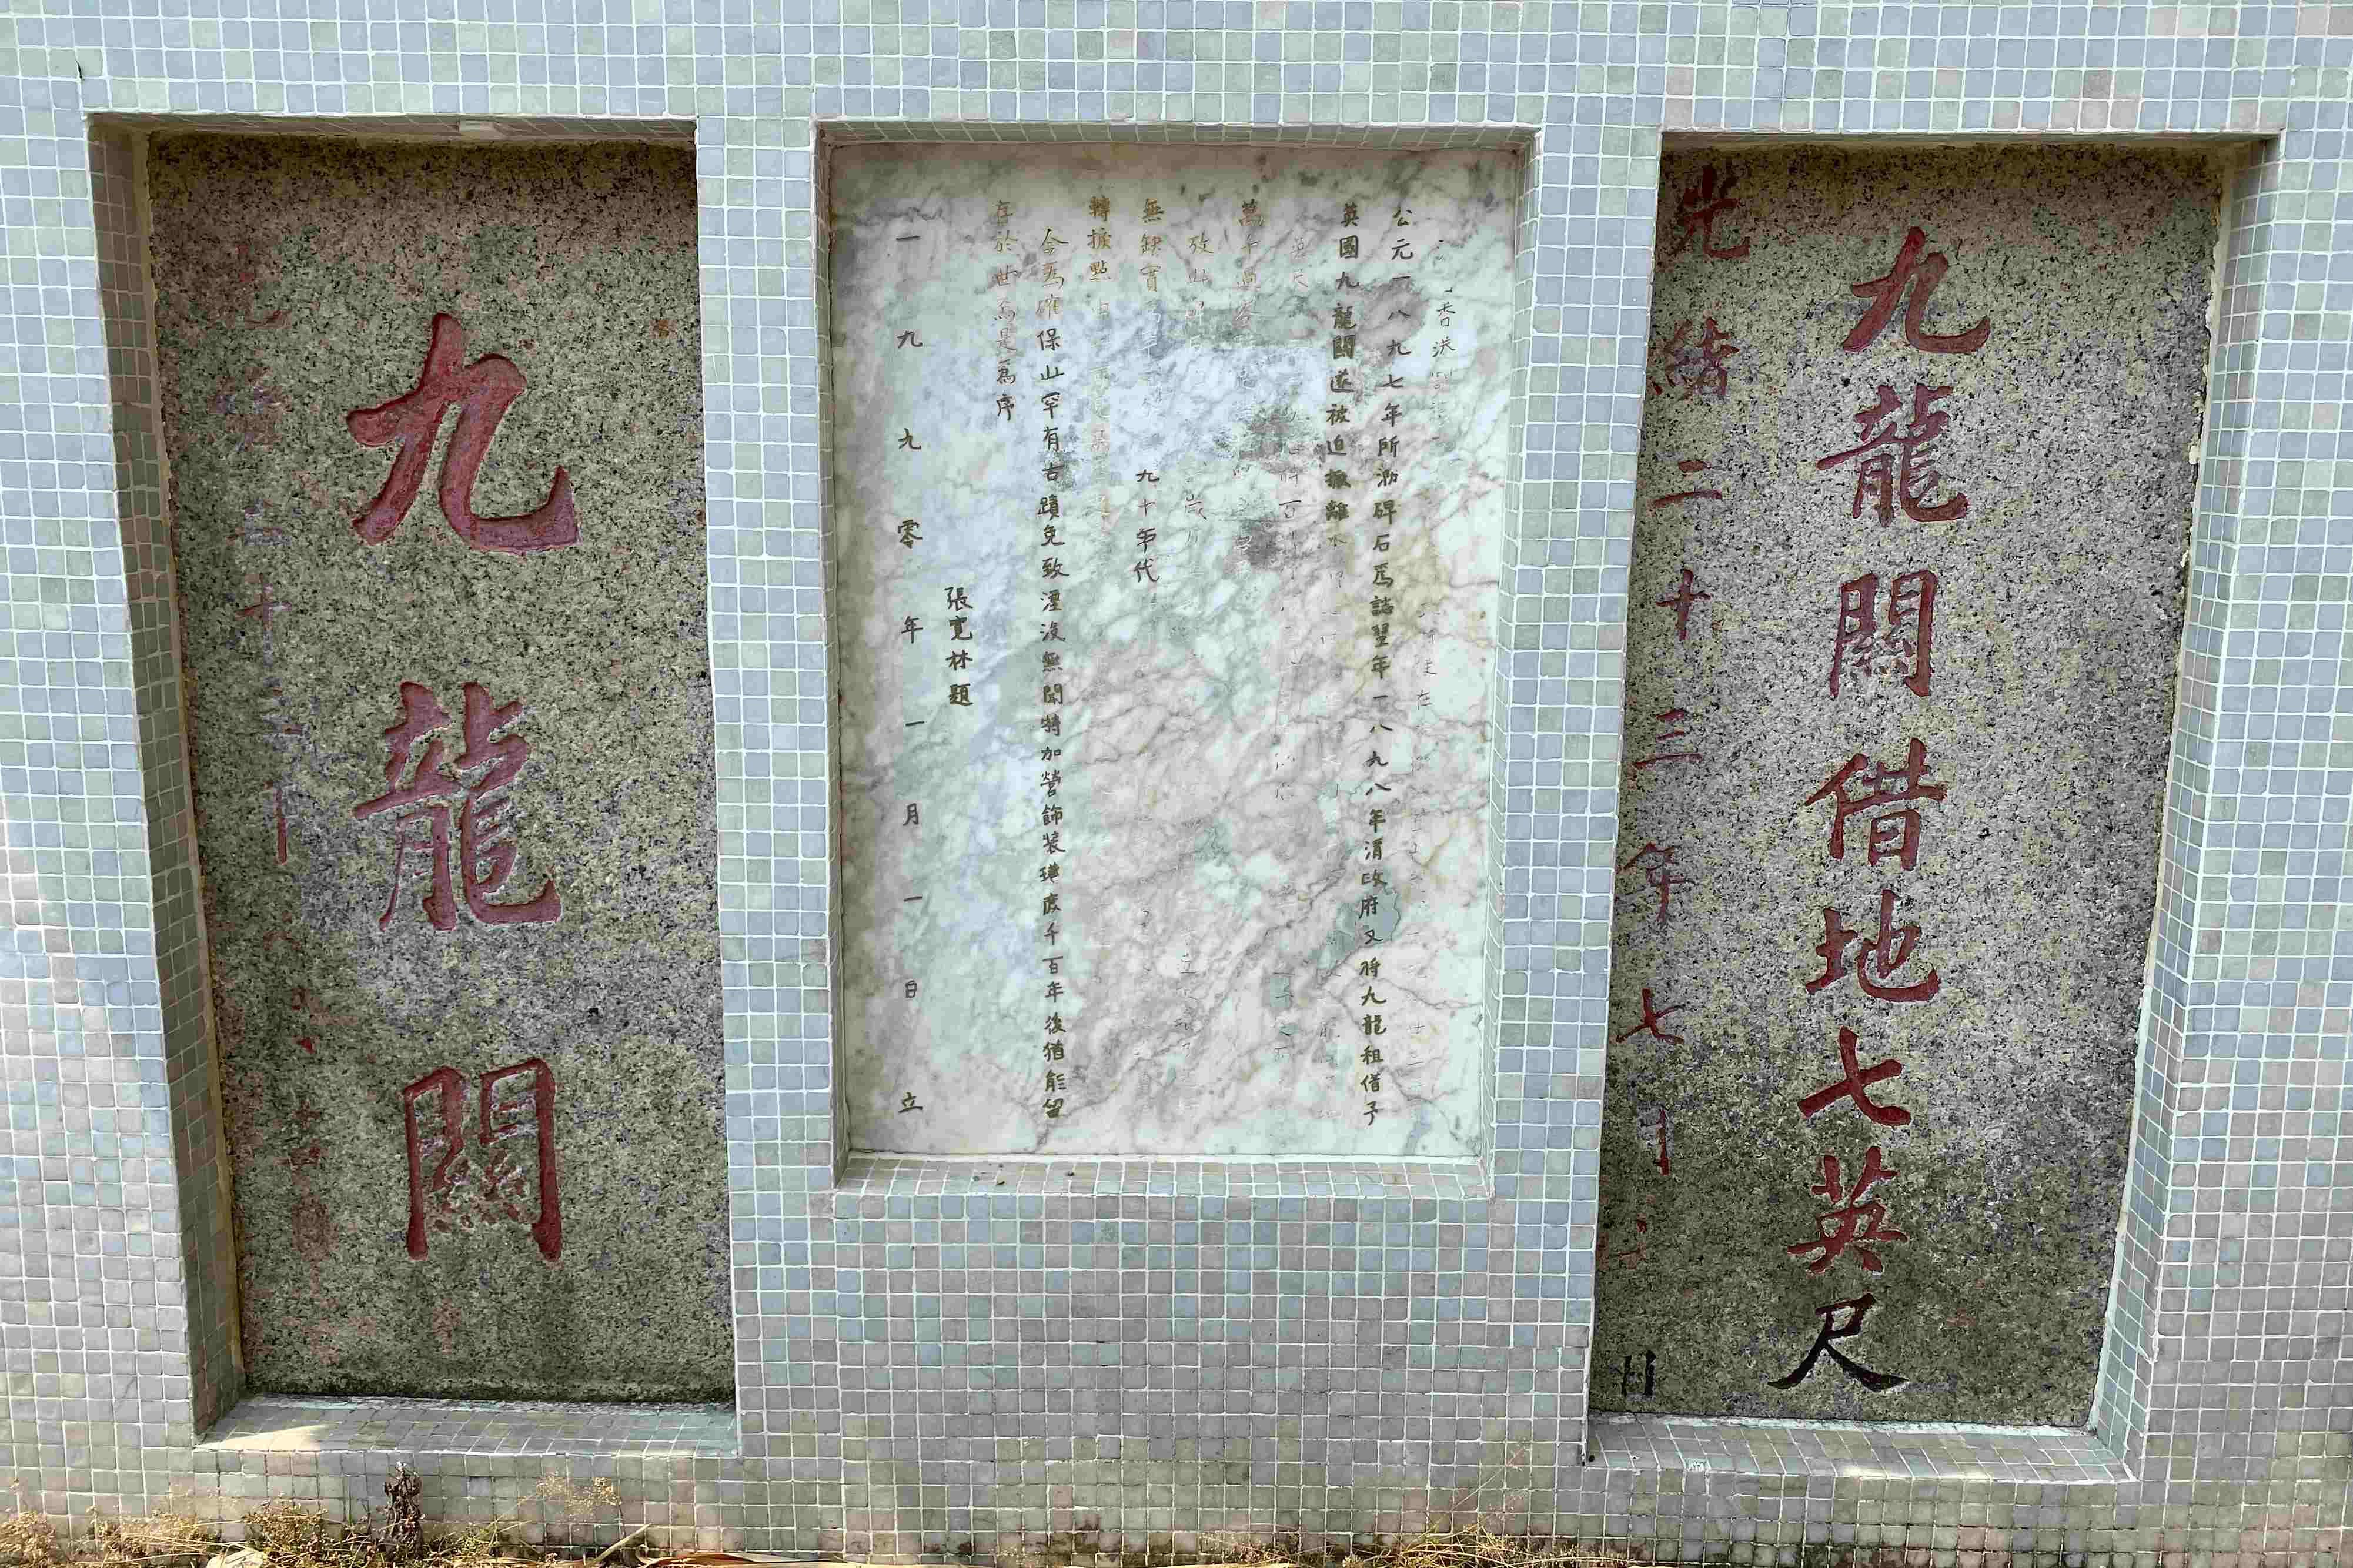 舊村內曾發現有「九龍關」紀念碑和碑石。